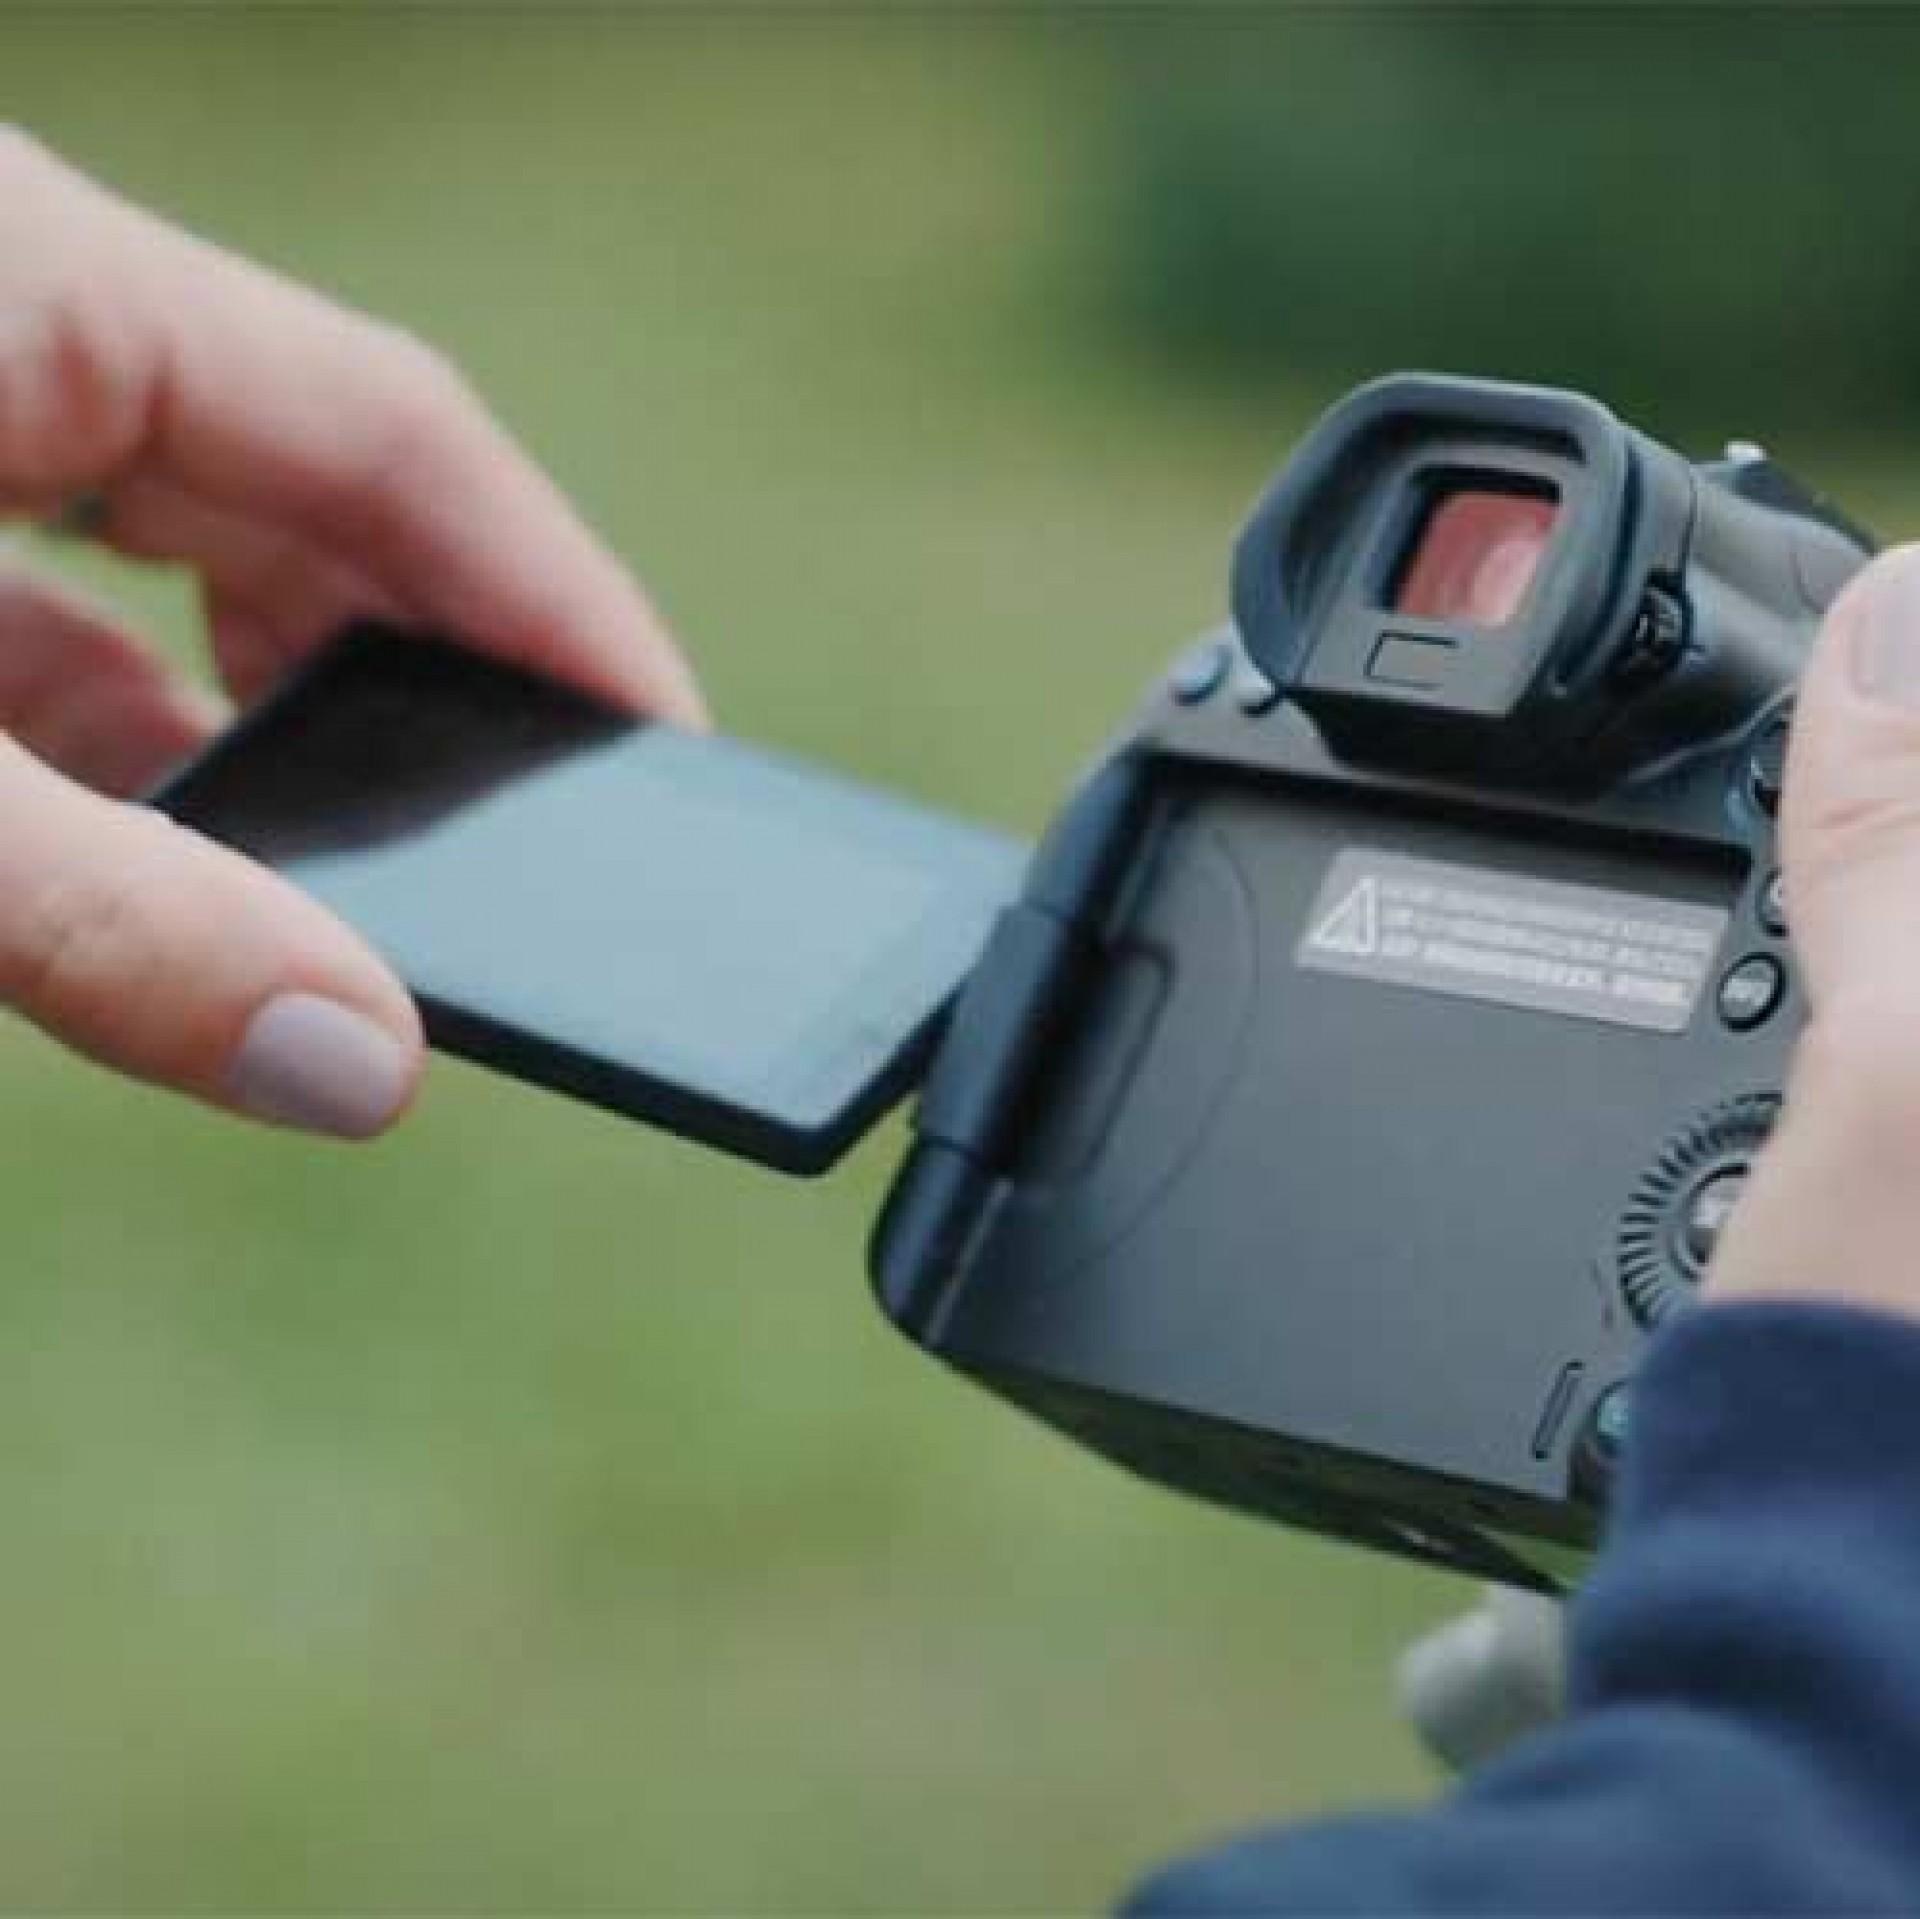 Dreh- und schwenkbares Touch-Display, EOS R5, EOS R6